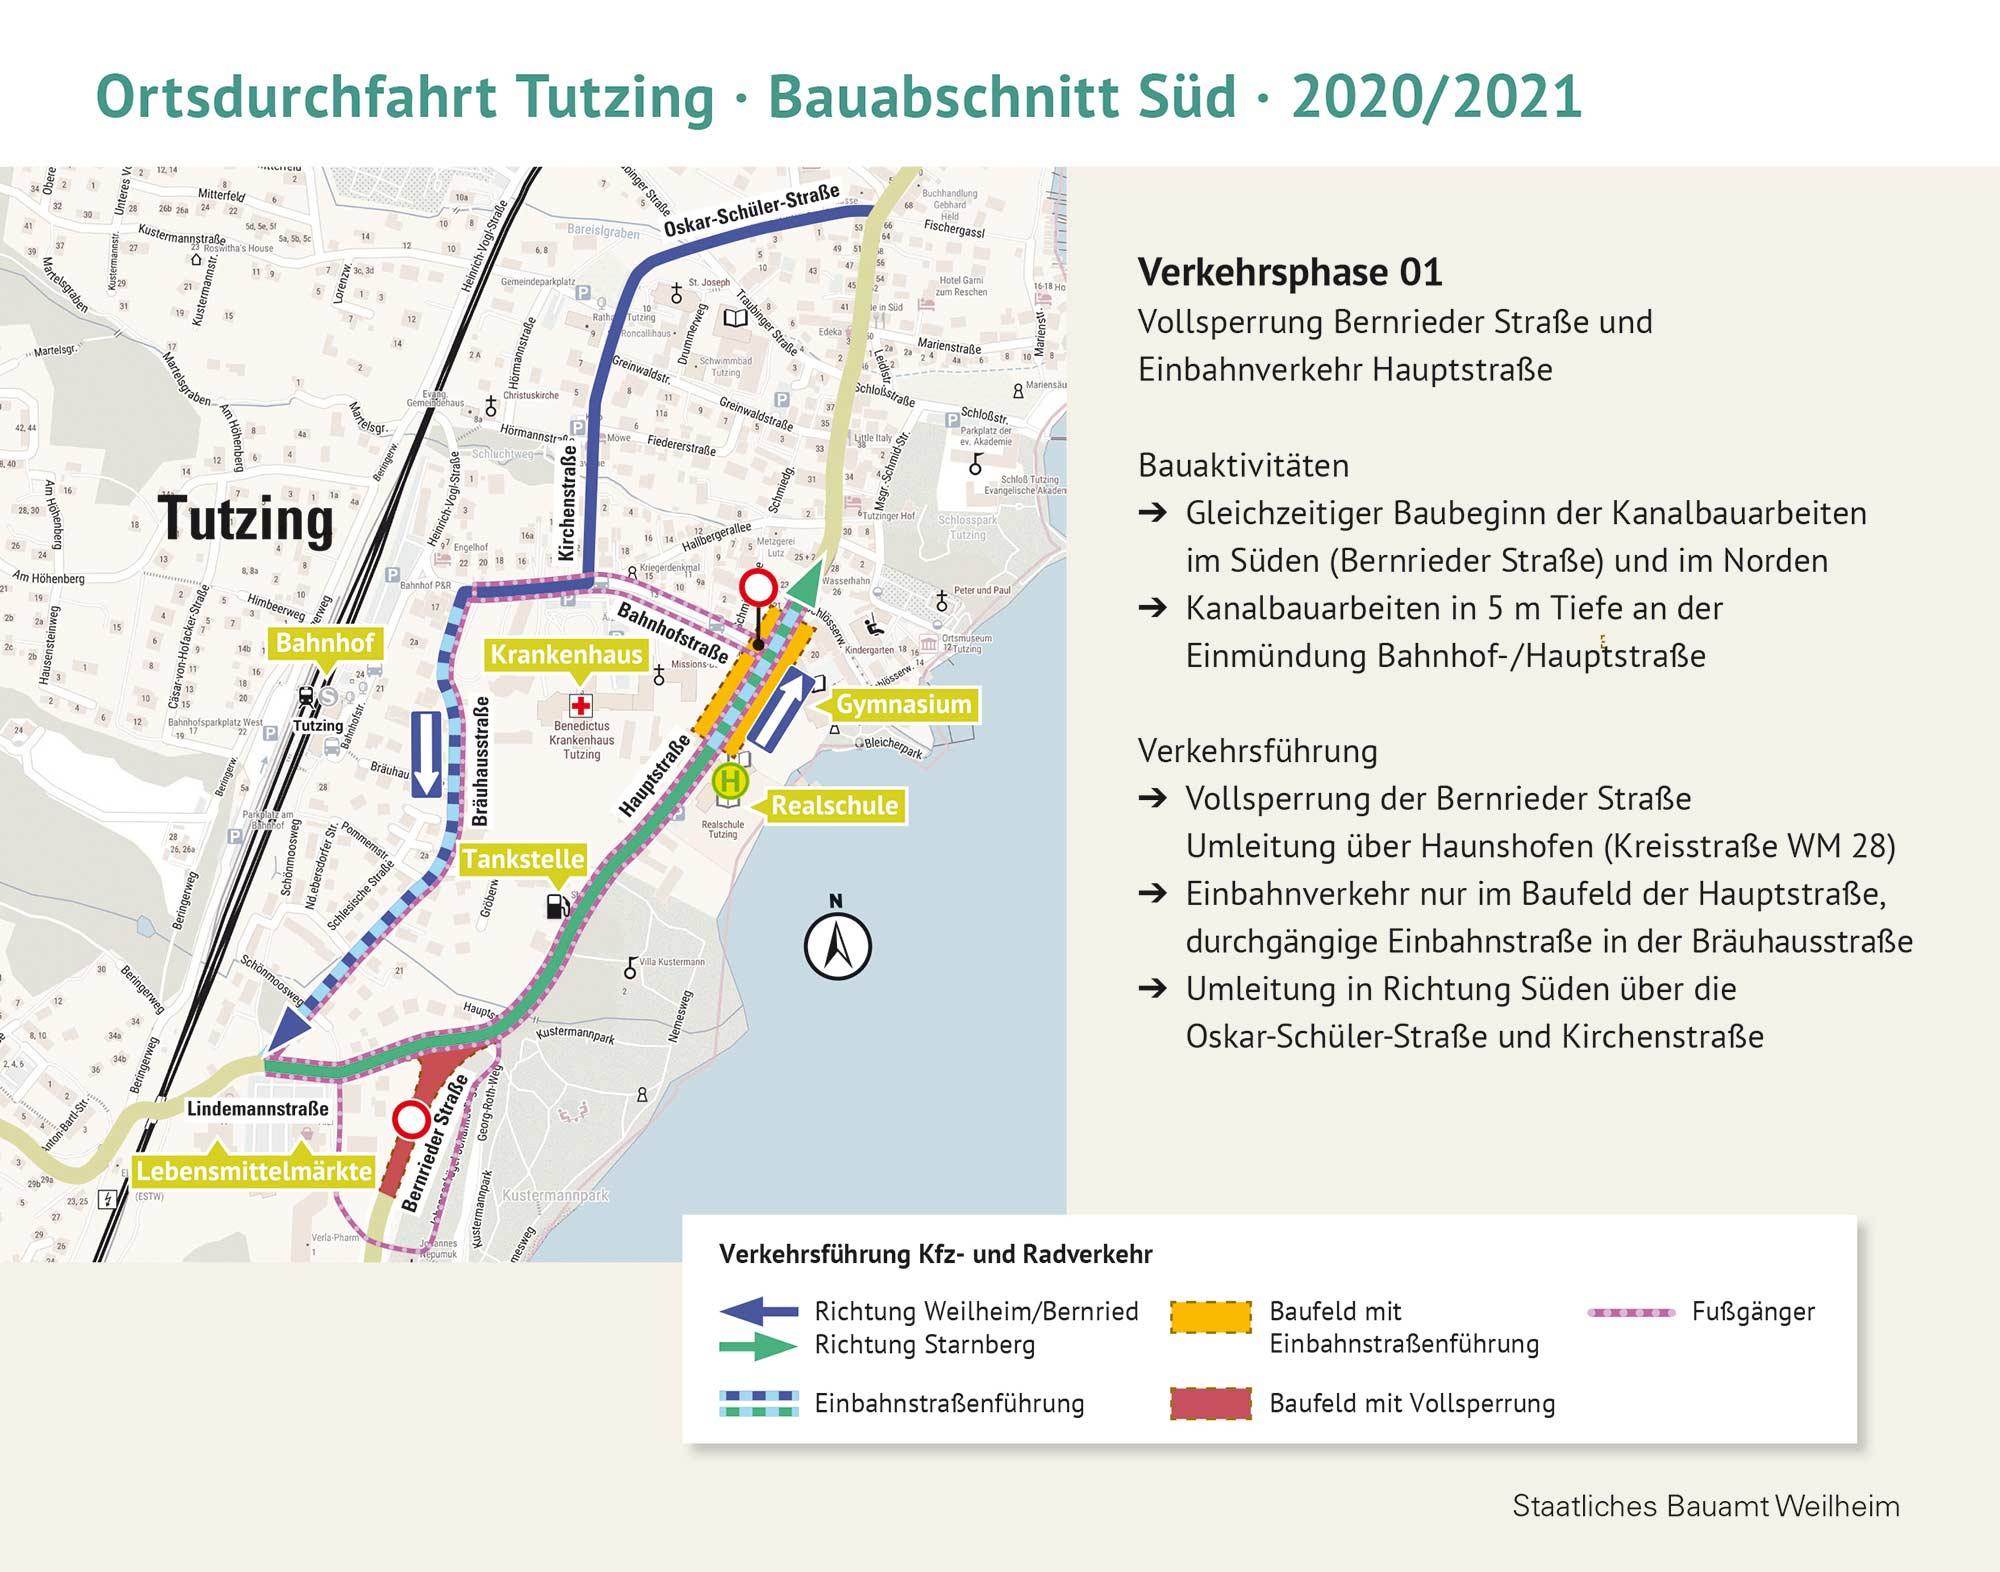 Bauabschnitt-Sued-Verkehrsphase-1